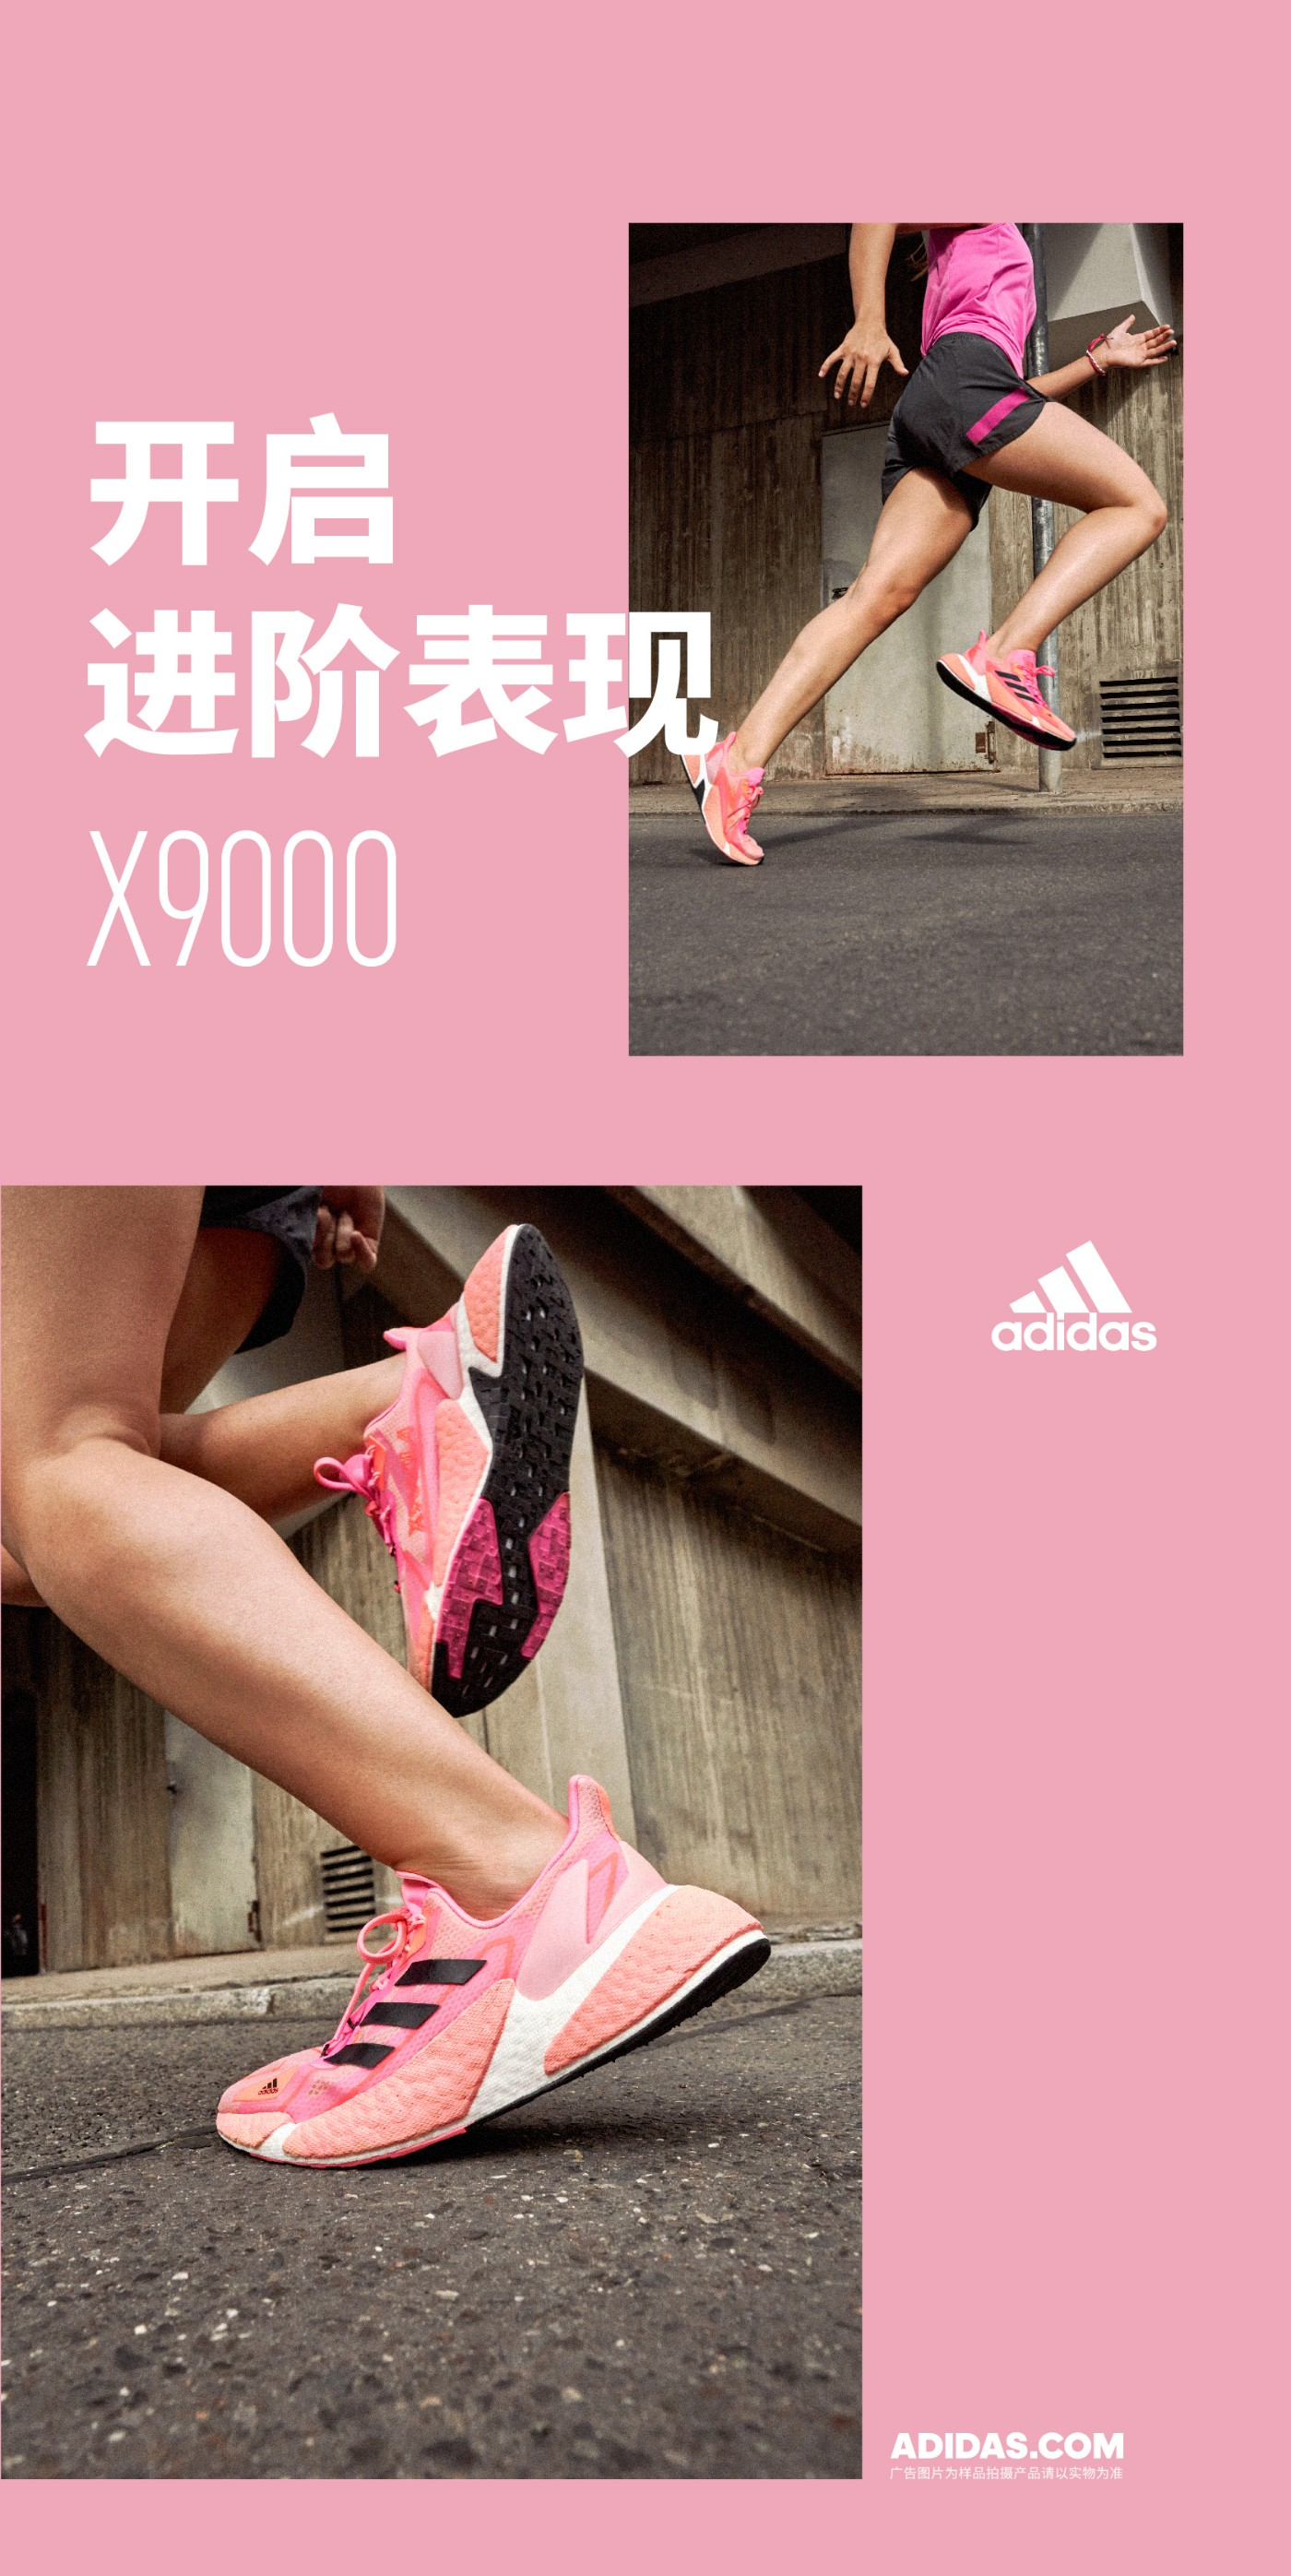 adidas,X9000 L4 H.RDY,FY1209,F  潮跑新纪元!adidas 推出全新 X9000 L4 H.RDY 系列跑鞋!